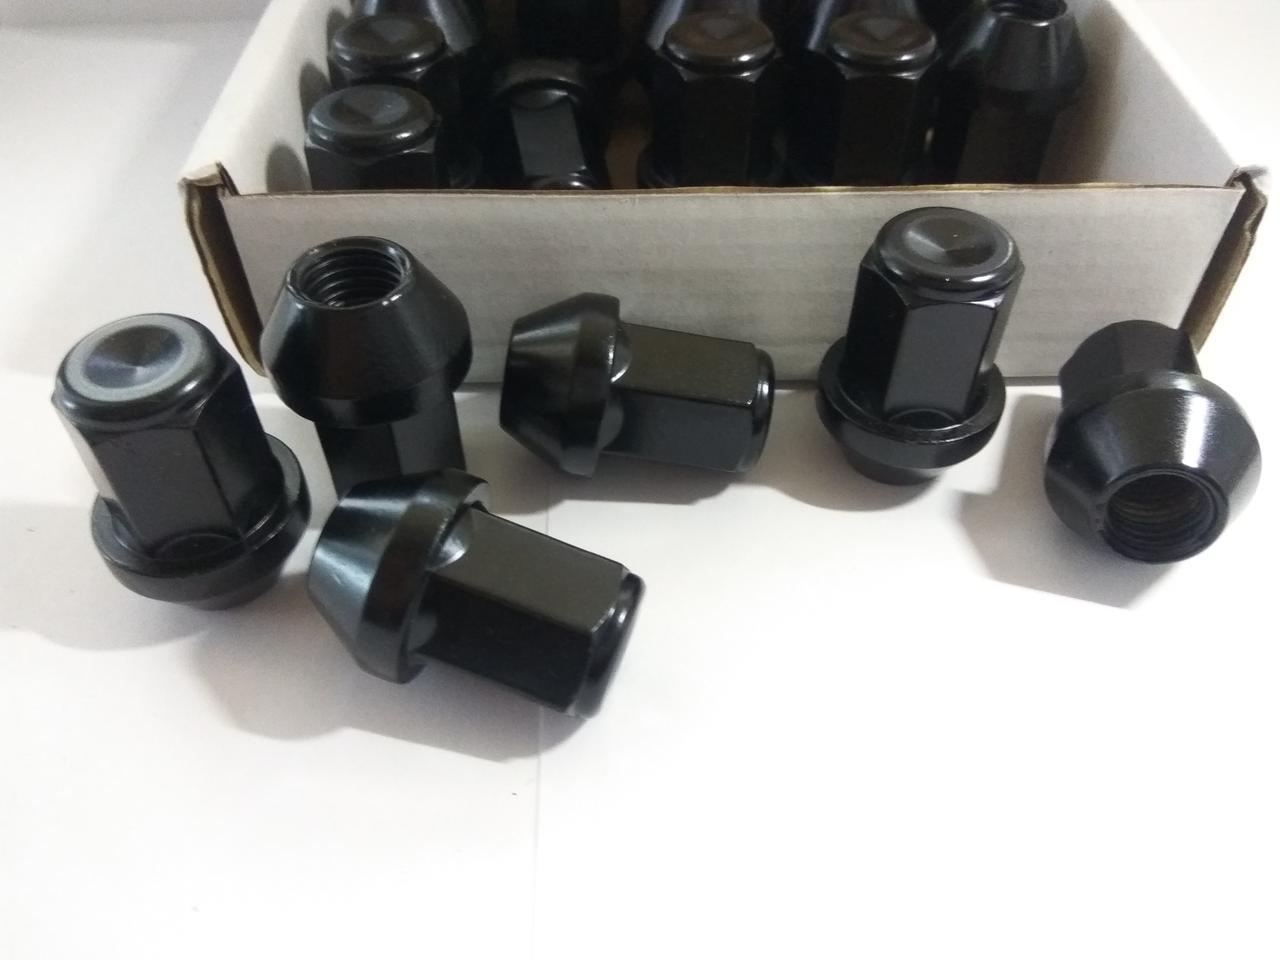 Гайка колесная черная М12*1.5 конус, высокая (L=34mm) для литых дисков Mazda, Kia, Hyundai